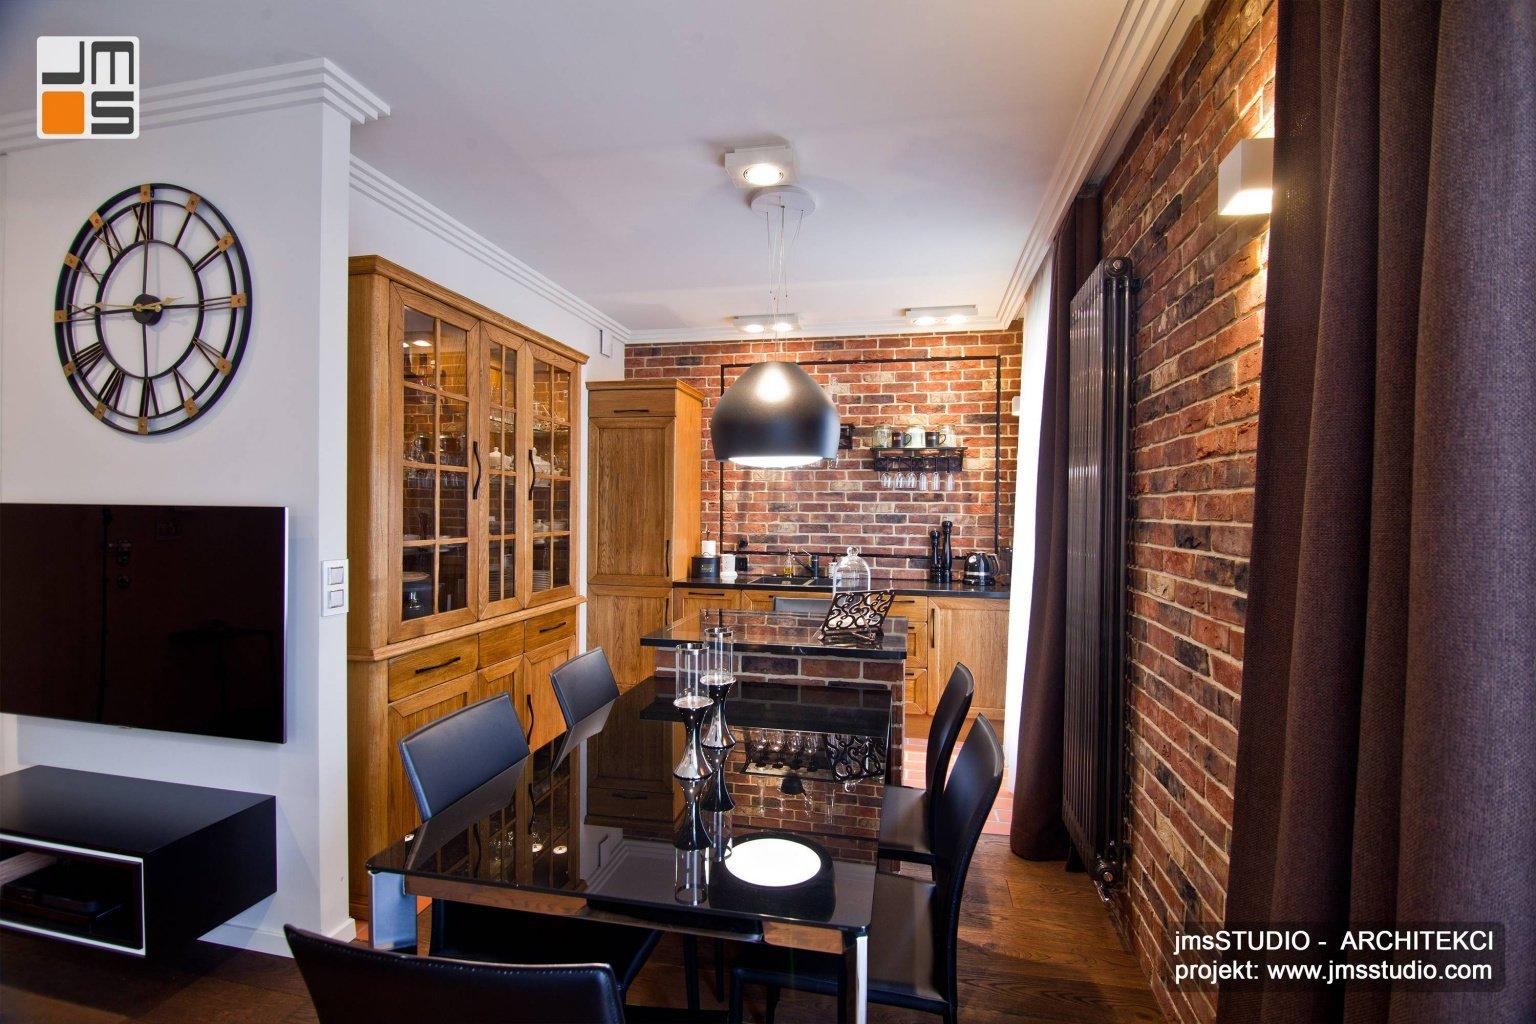 Projekt wnętrz kuchni w stylu rustykalnym z wyspą cegłą na ścianie i rustykalnym retro grzejnikiem na ścianie